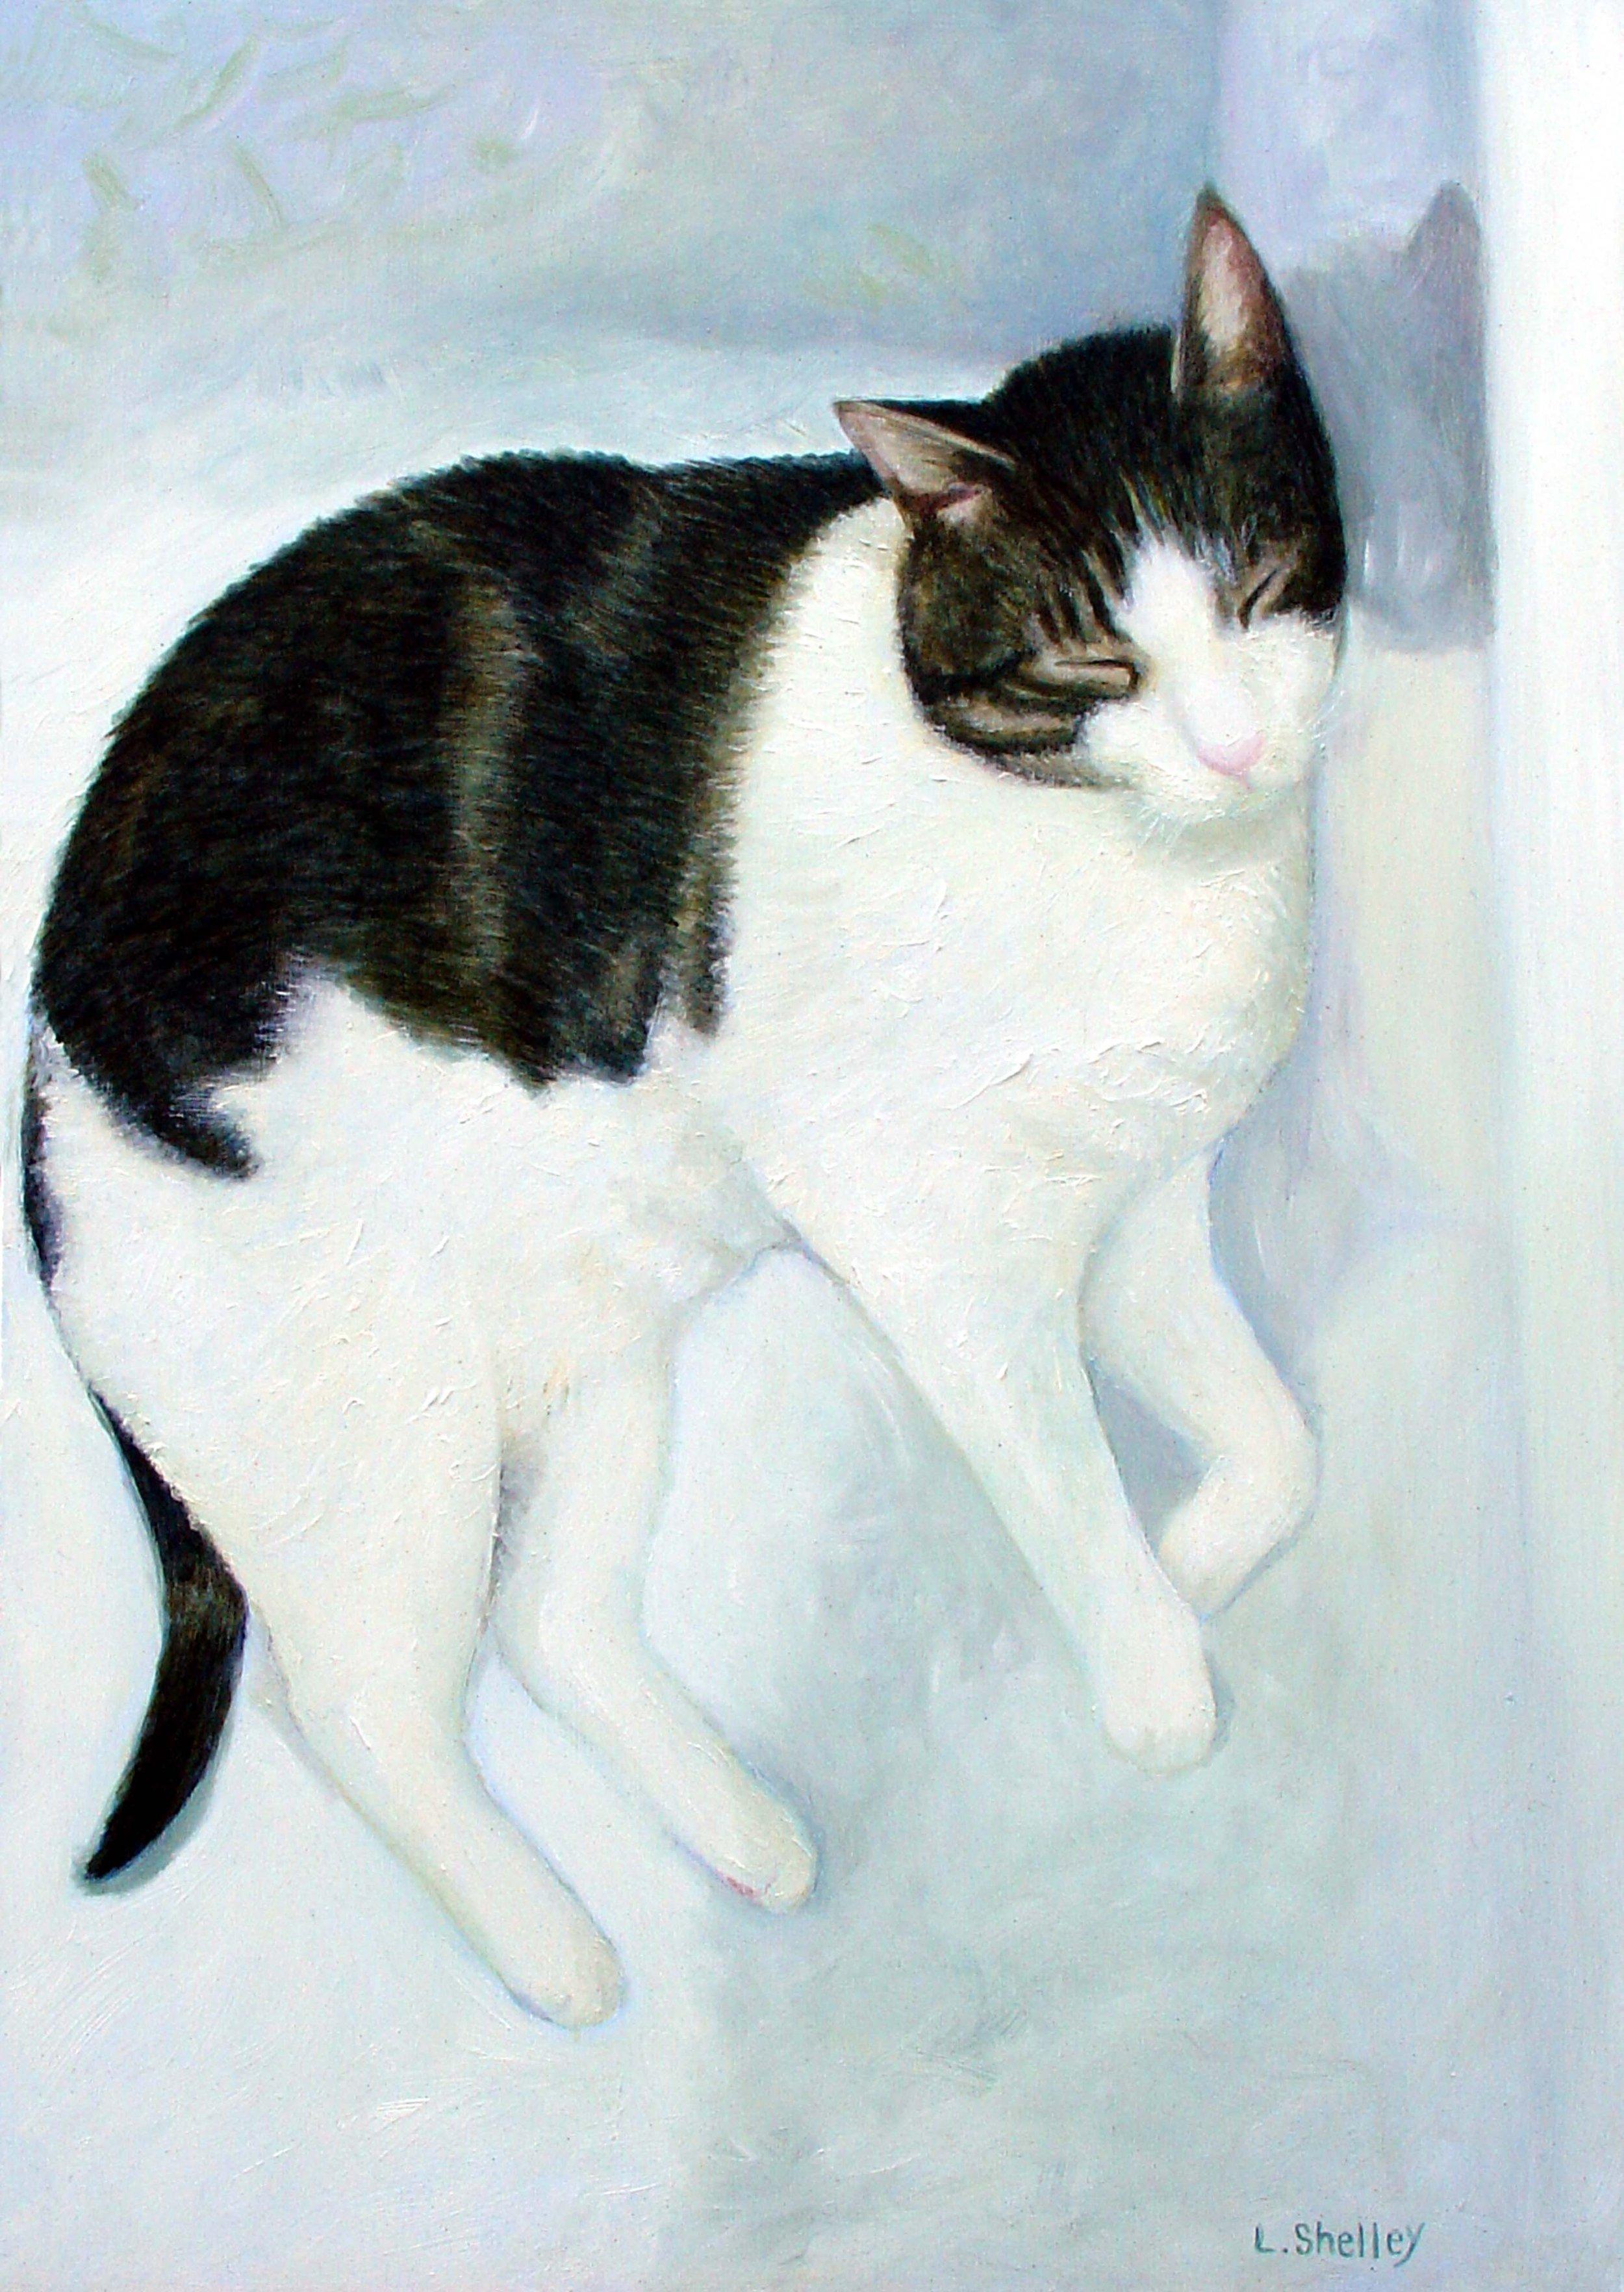 Charley in the Bathtub